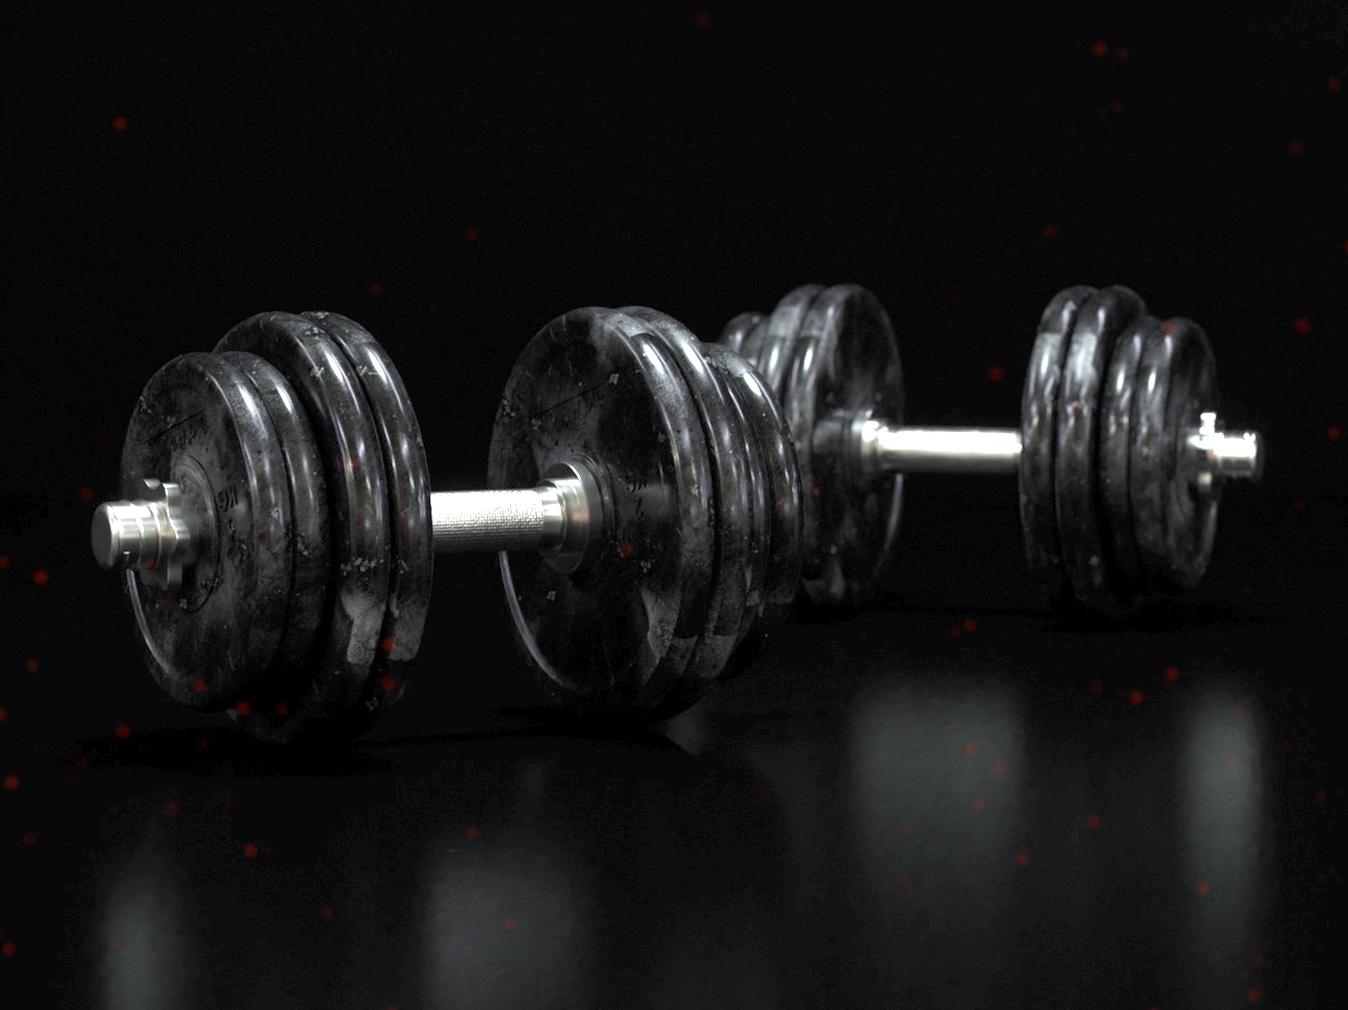 Dumbells design octanerender gym dumbell render 3d cinema4d